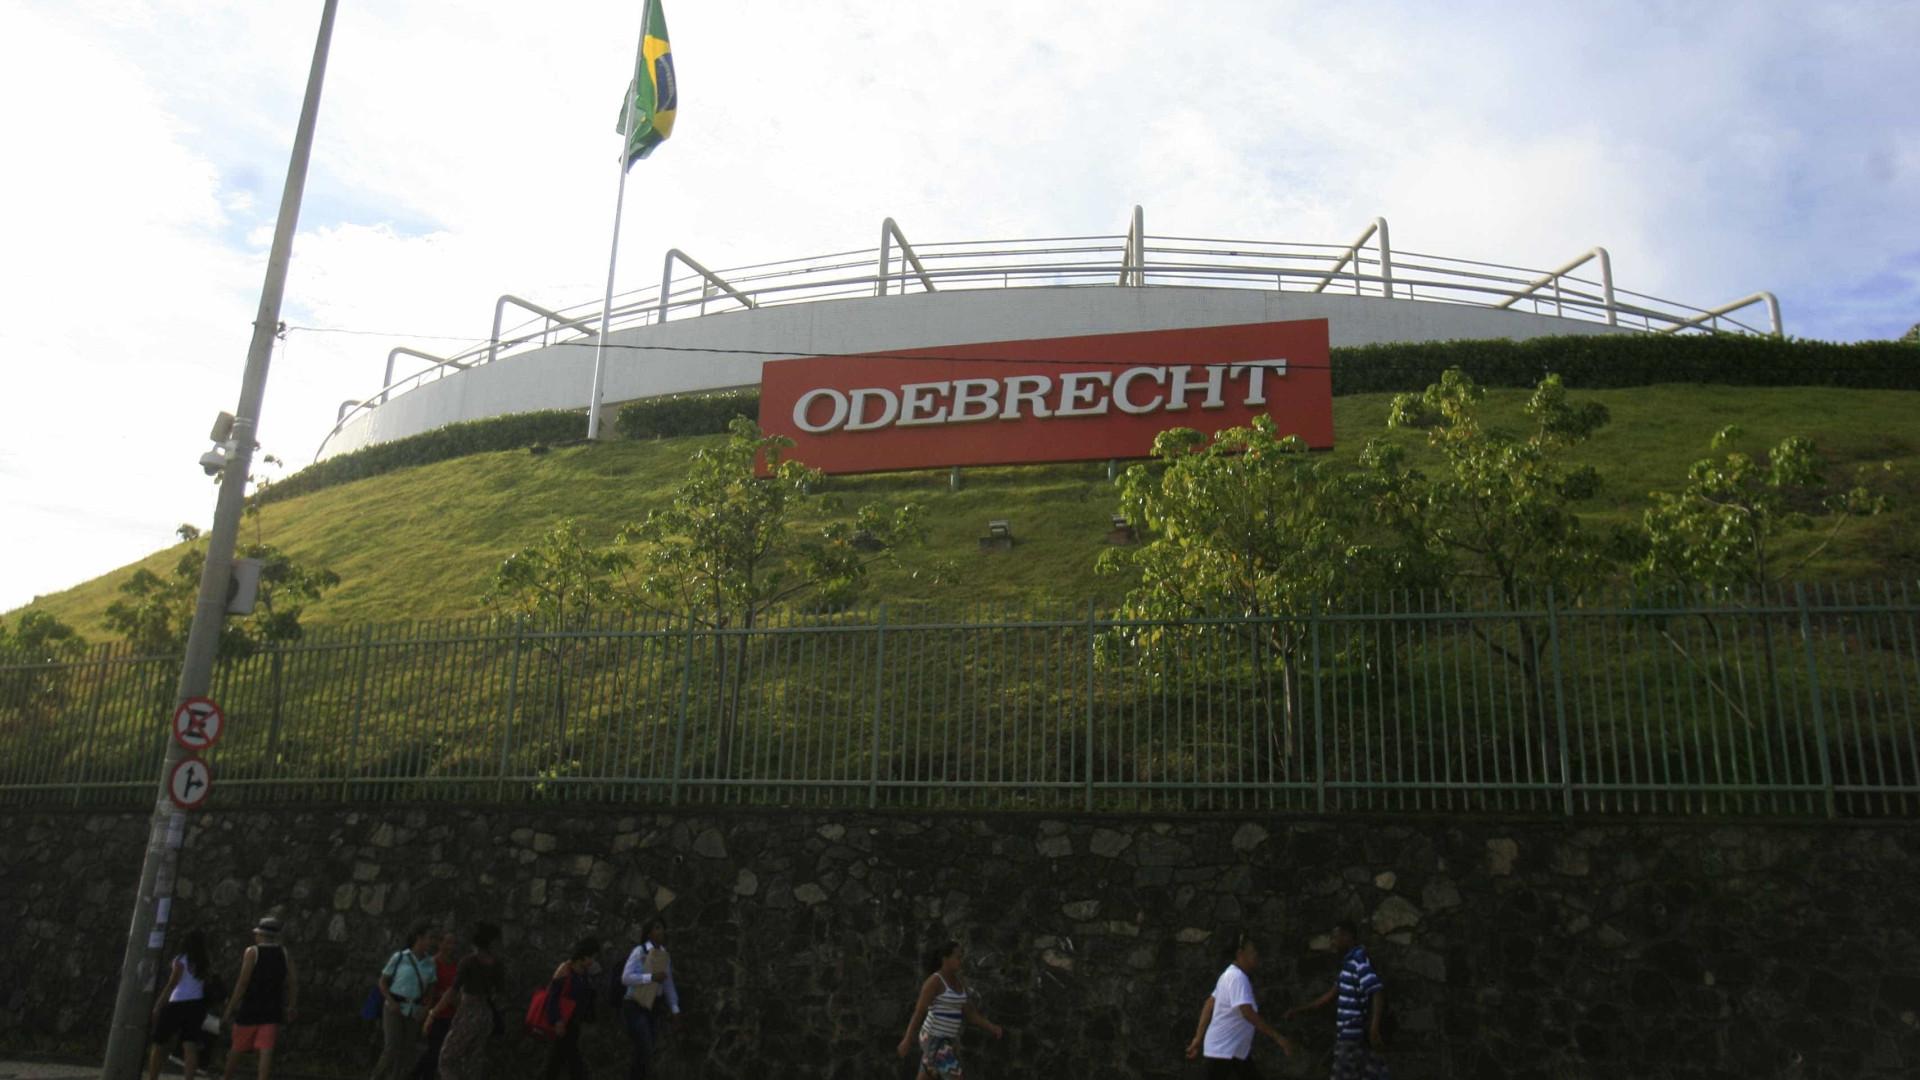 Odebrecht acorda sanção de 186,2 milhões de euros a Governo do Panamá